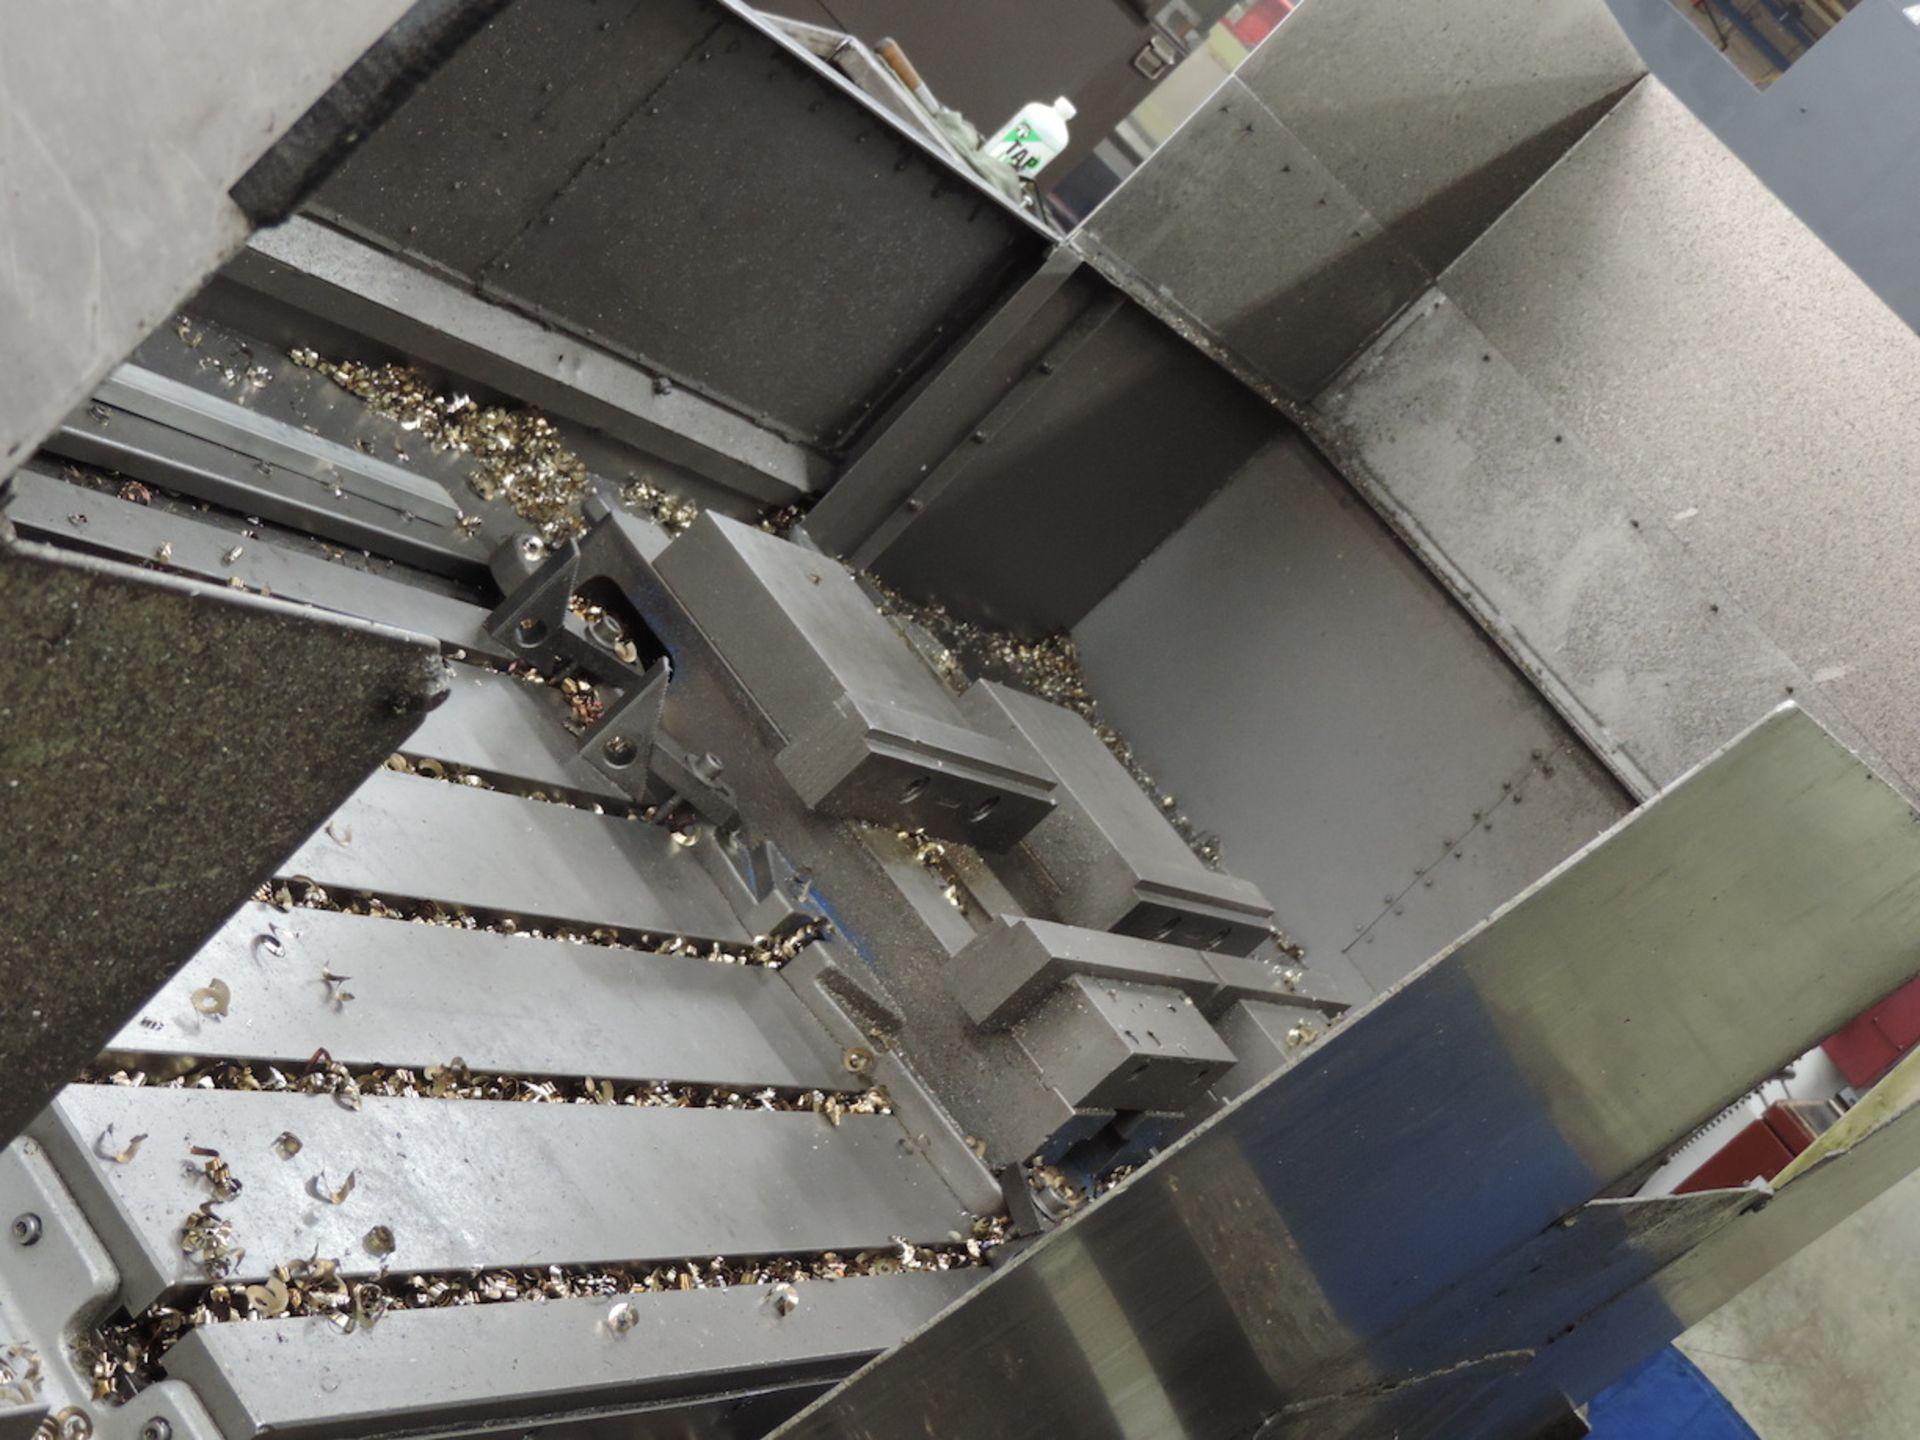 KURAKI KV-2000 KV-1600W VMC, FANUC 6M CONTROL, 3000 RPM, 50 TAPER SPINDLE, 24 ATC, XYZ TRAVELS: - Image 5 of 13